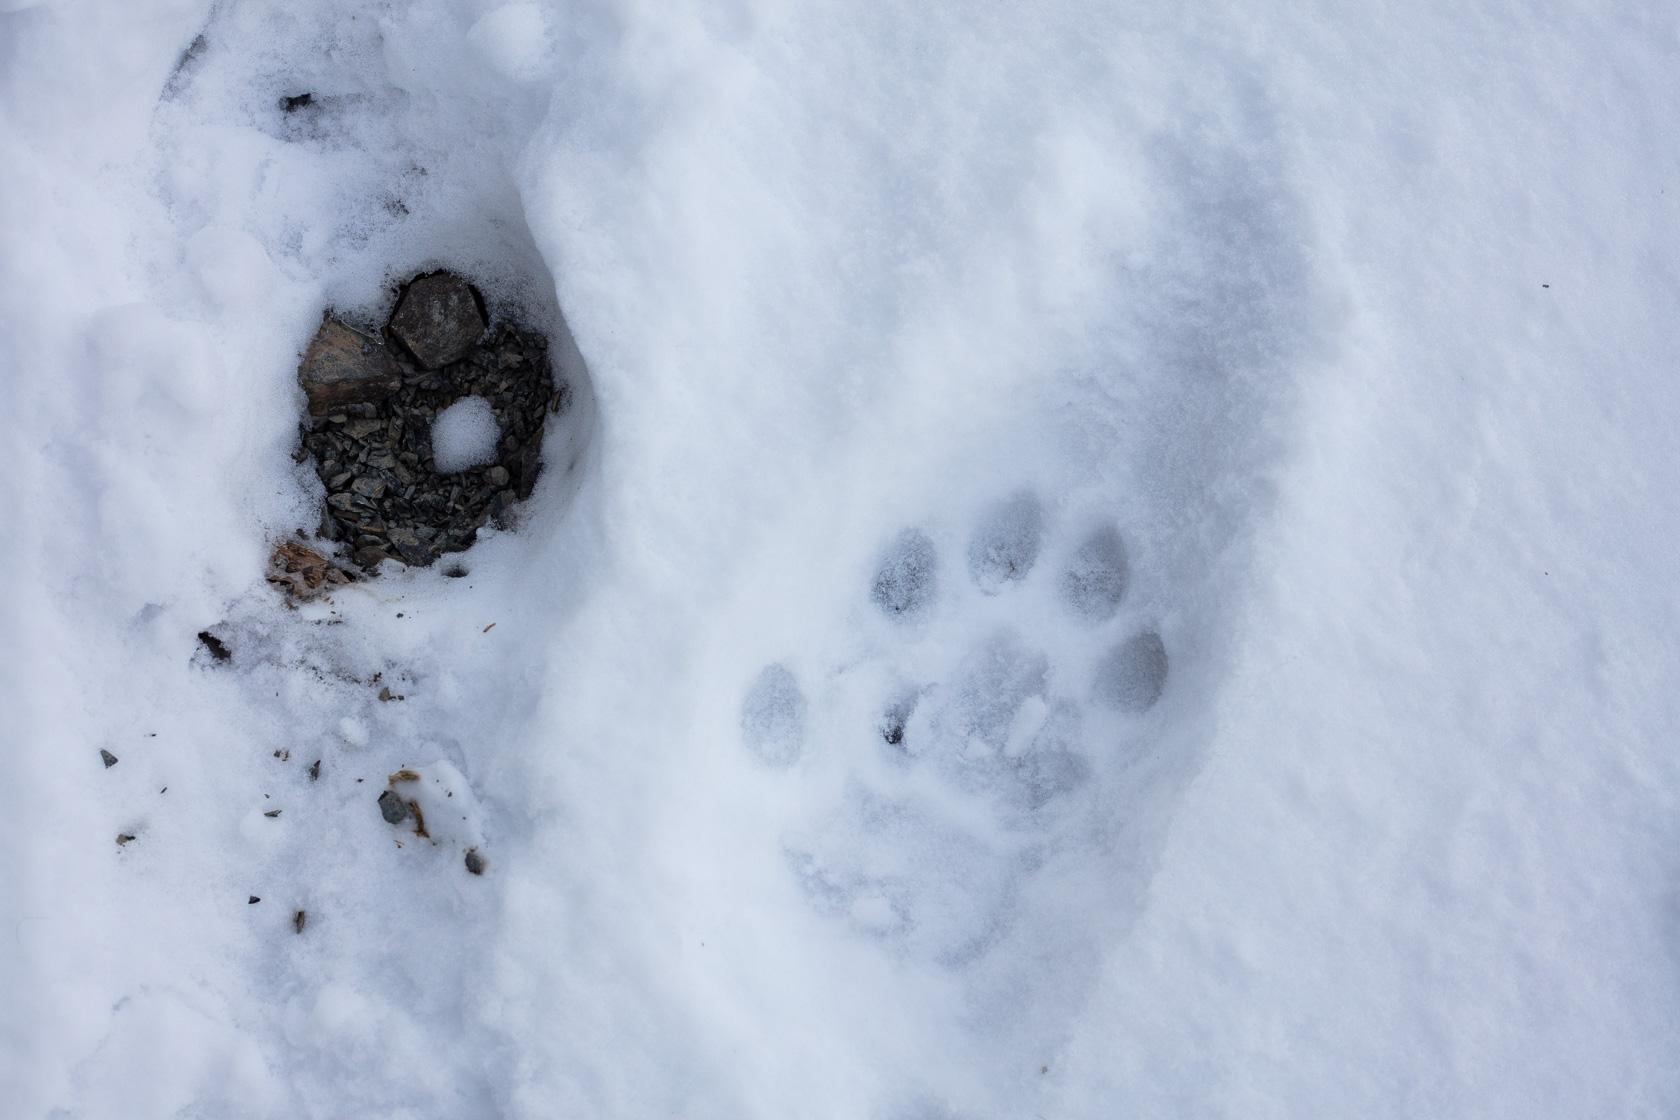 empreinte de panthère des neiges dans la neige fraîche, au ladakh en Inde